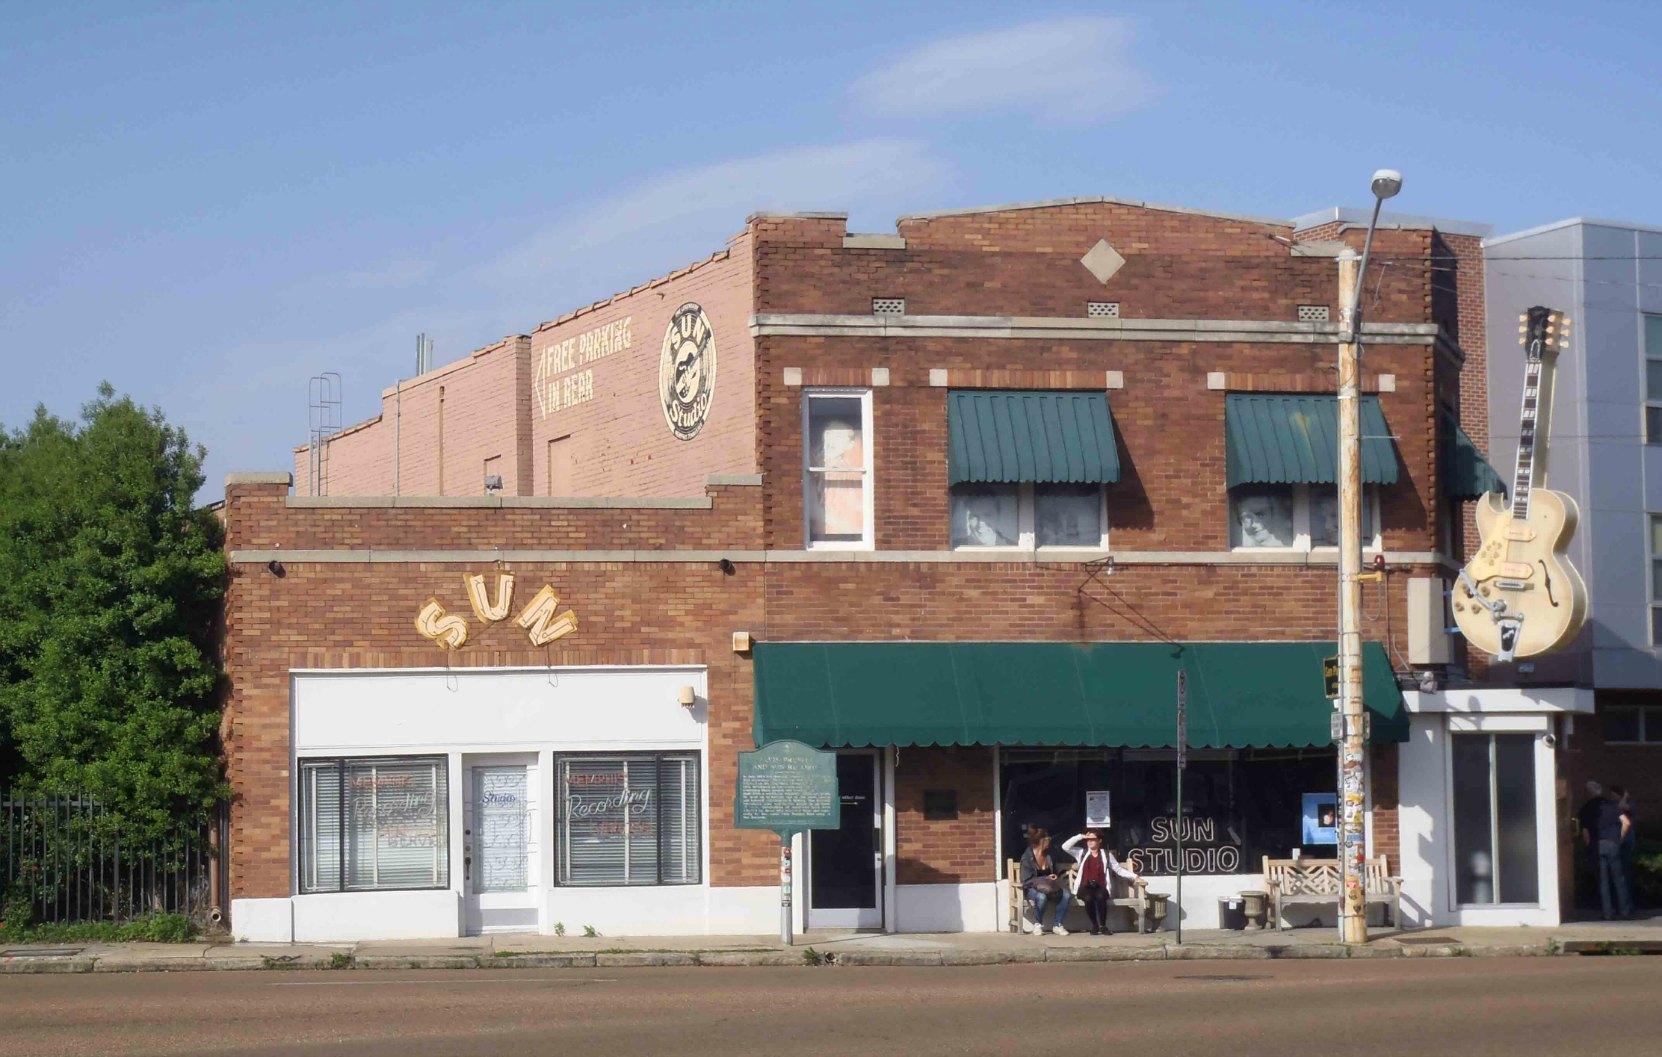 The Memphis Recording Service, Sun Records and Sun Studio, 706 Union Avenue, Memphis, Tennessee